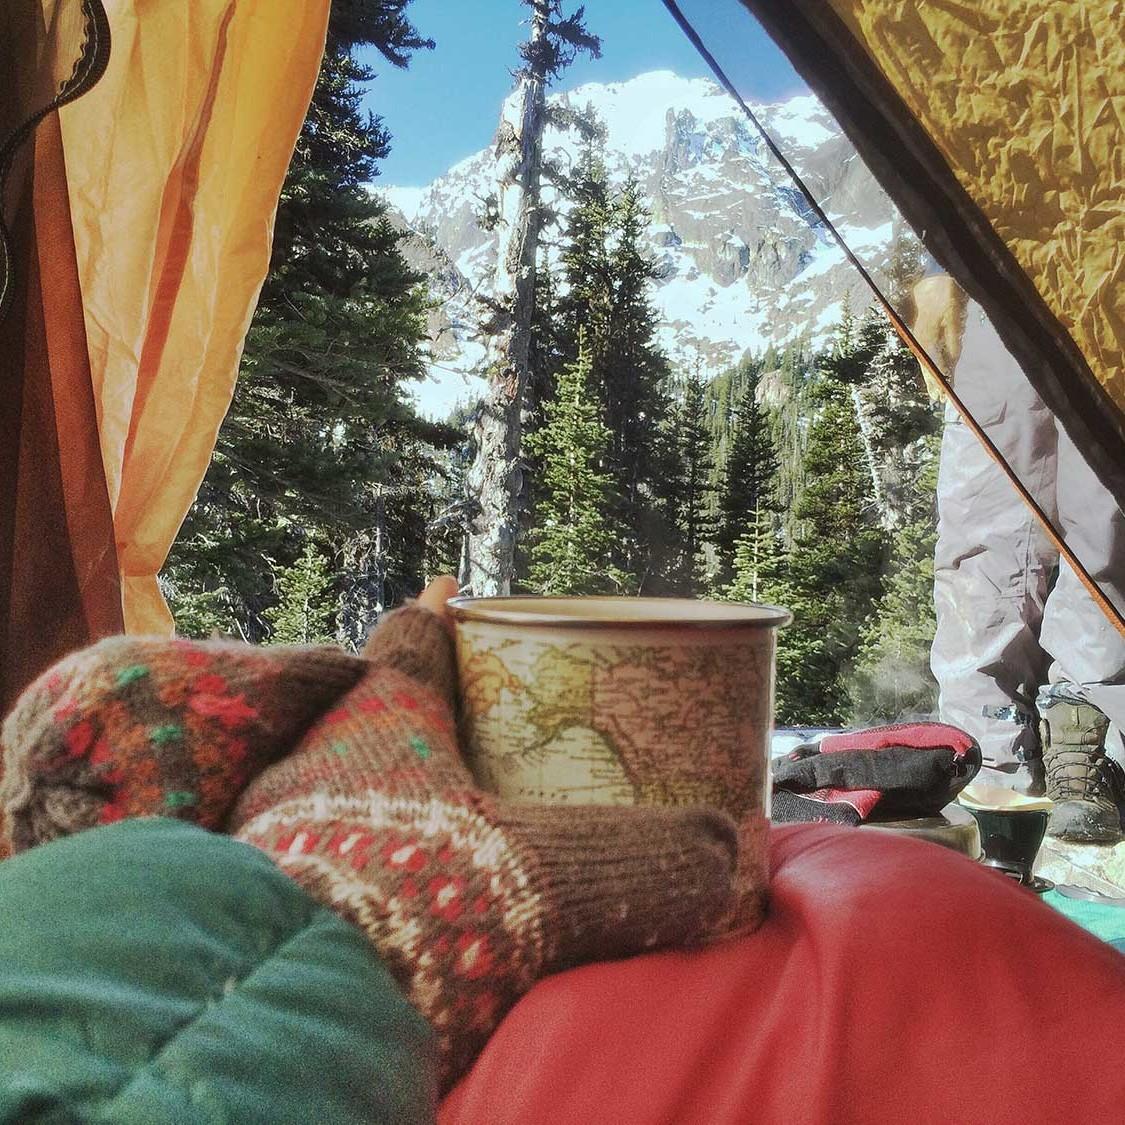 Maren-Rhodin-Cup-Comfort-CampTrend